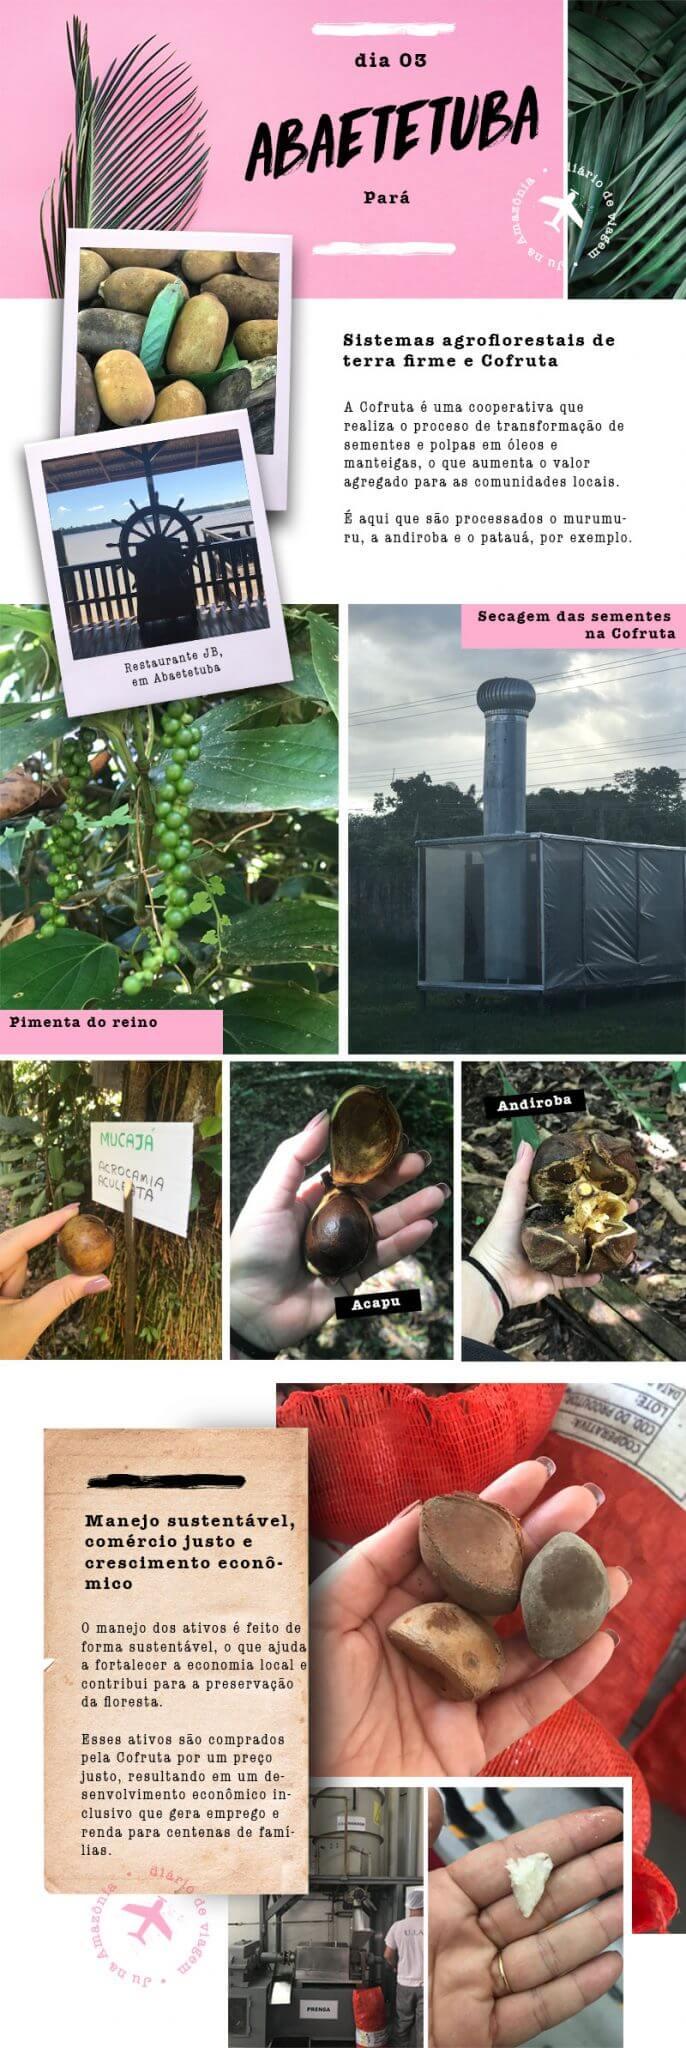 amazônia-com-natura-ekos-1